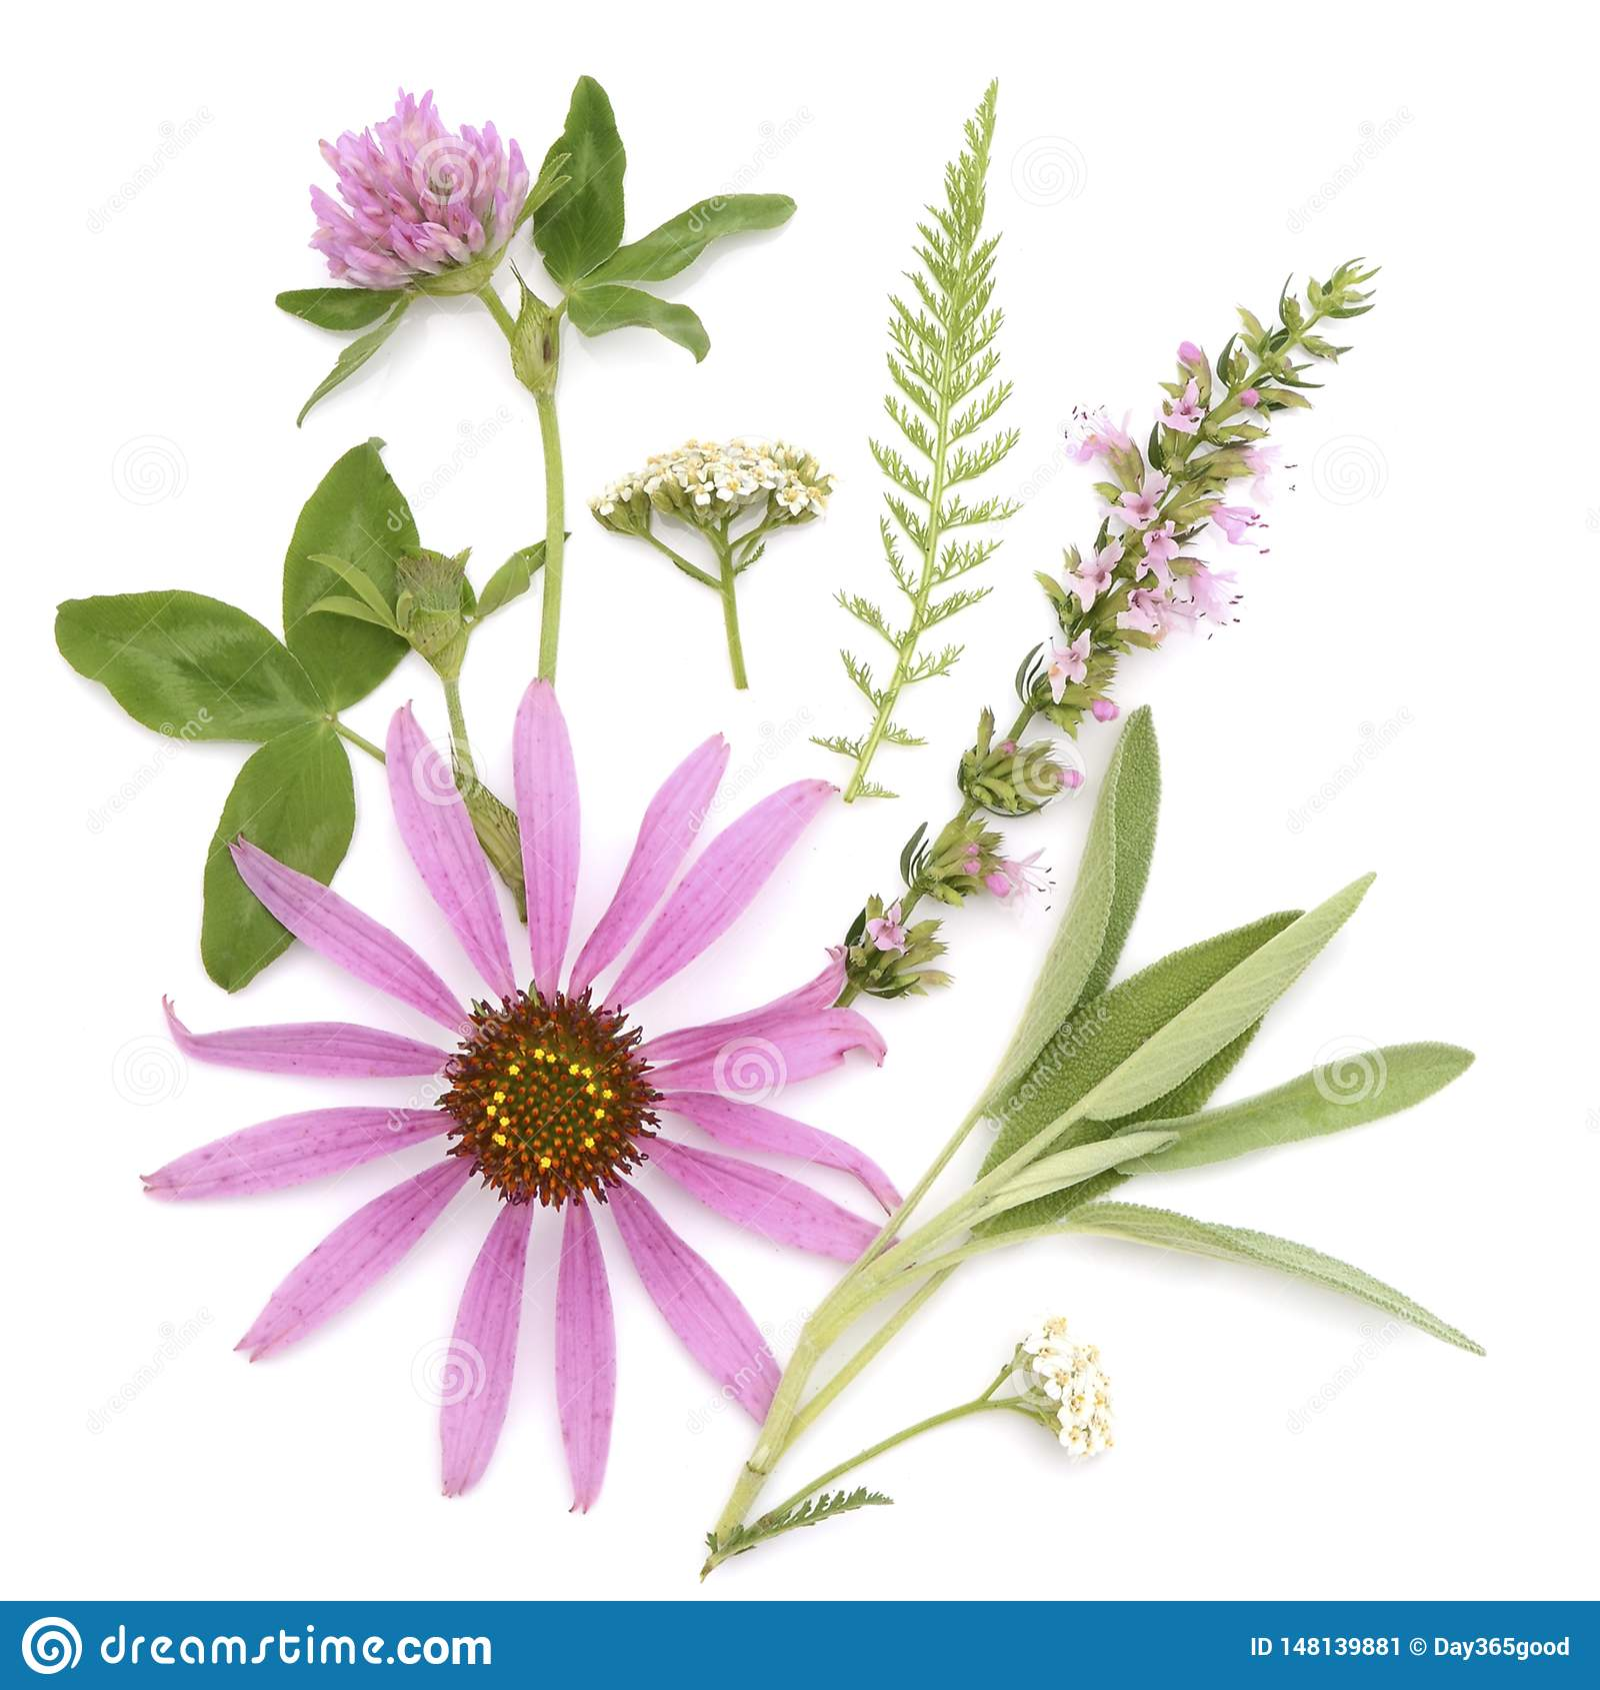 Θεραπεύοντας χορτάρια Ανθοδέσμη ιατρικών εγκαταστάσεων και λουλουδιών του echinacea, τριφύλλι, yarrow, hyssop, φασκομηλιά